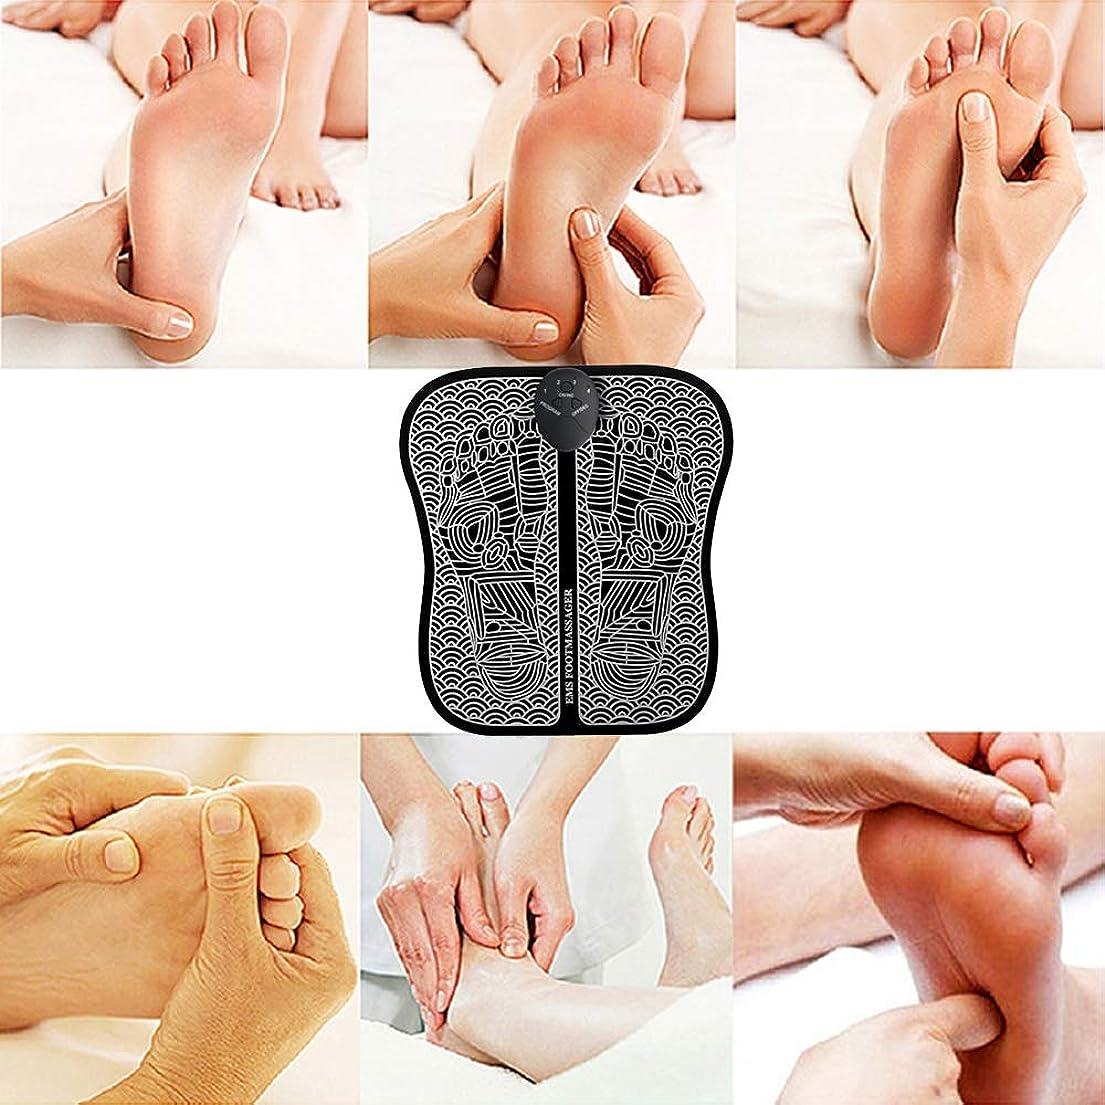 ベイビープラカード特許痛みを和らげる血液循環のためのEMSフットマッサージャーパッドマット痛みを伴う線維筋痛症